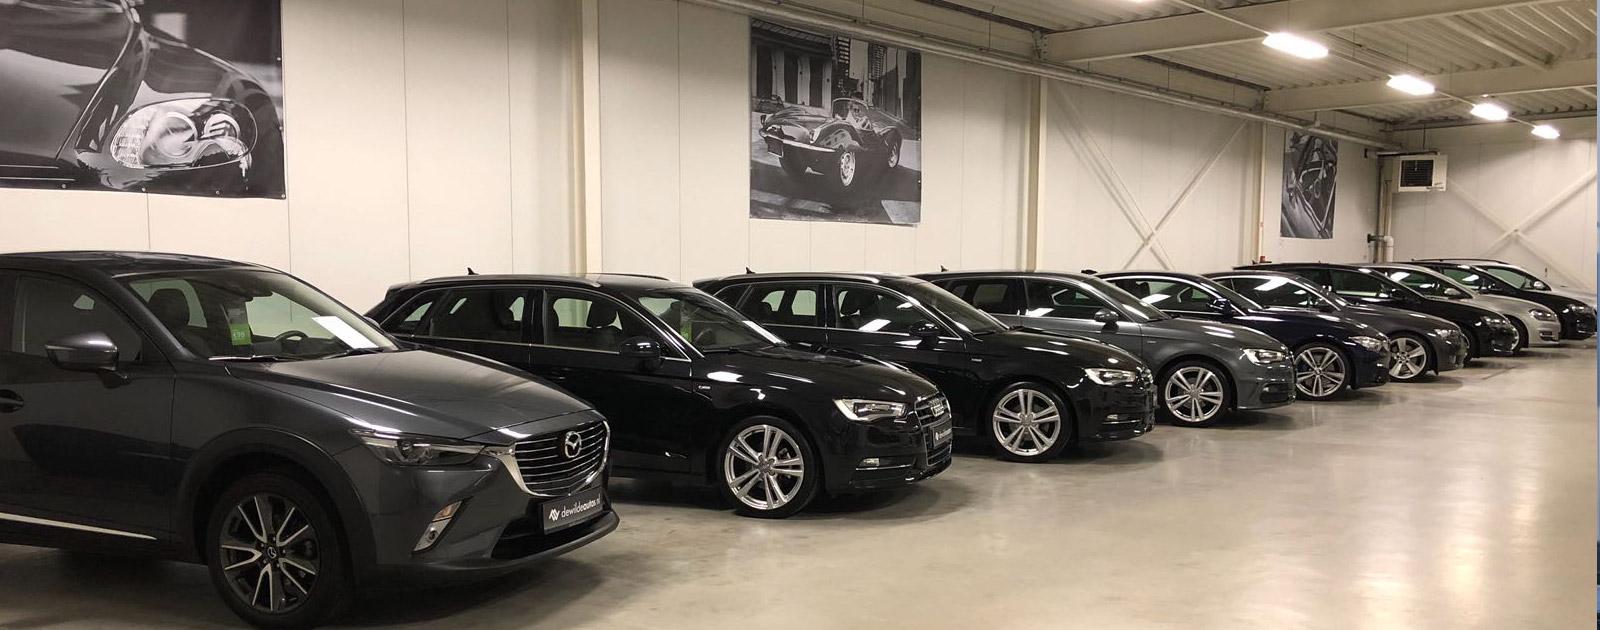 de wilde autos